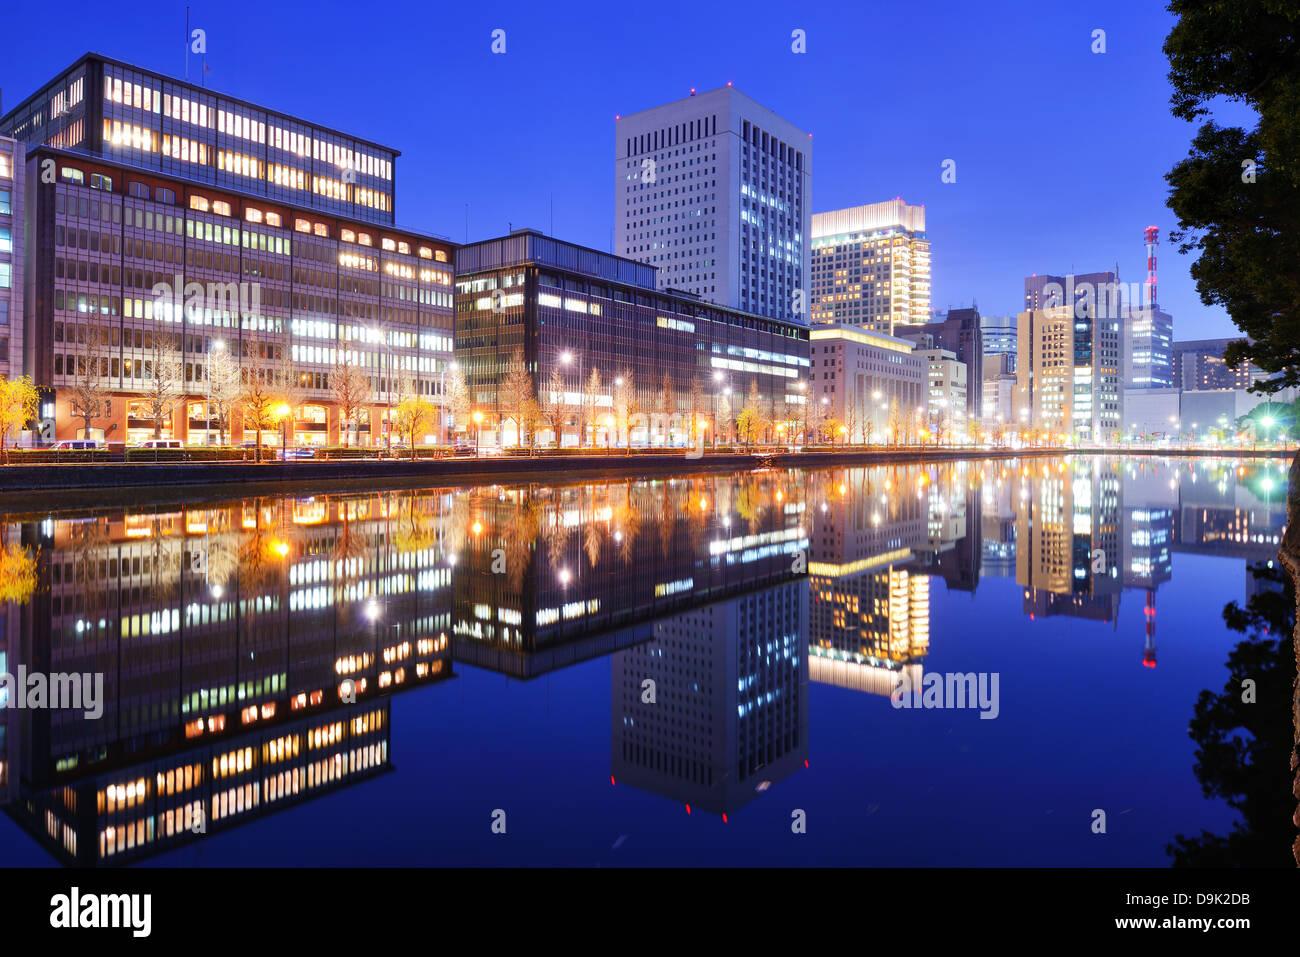 Quartier d'affaires de Marunouchi de Tokyo, Japon. Photo Stock